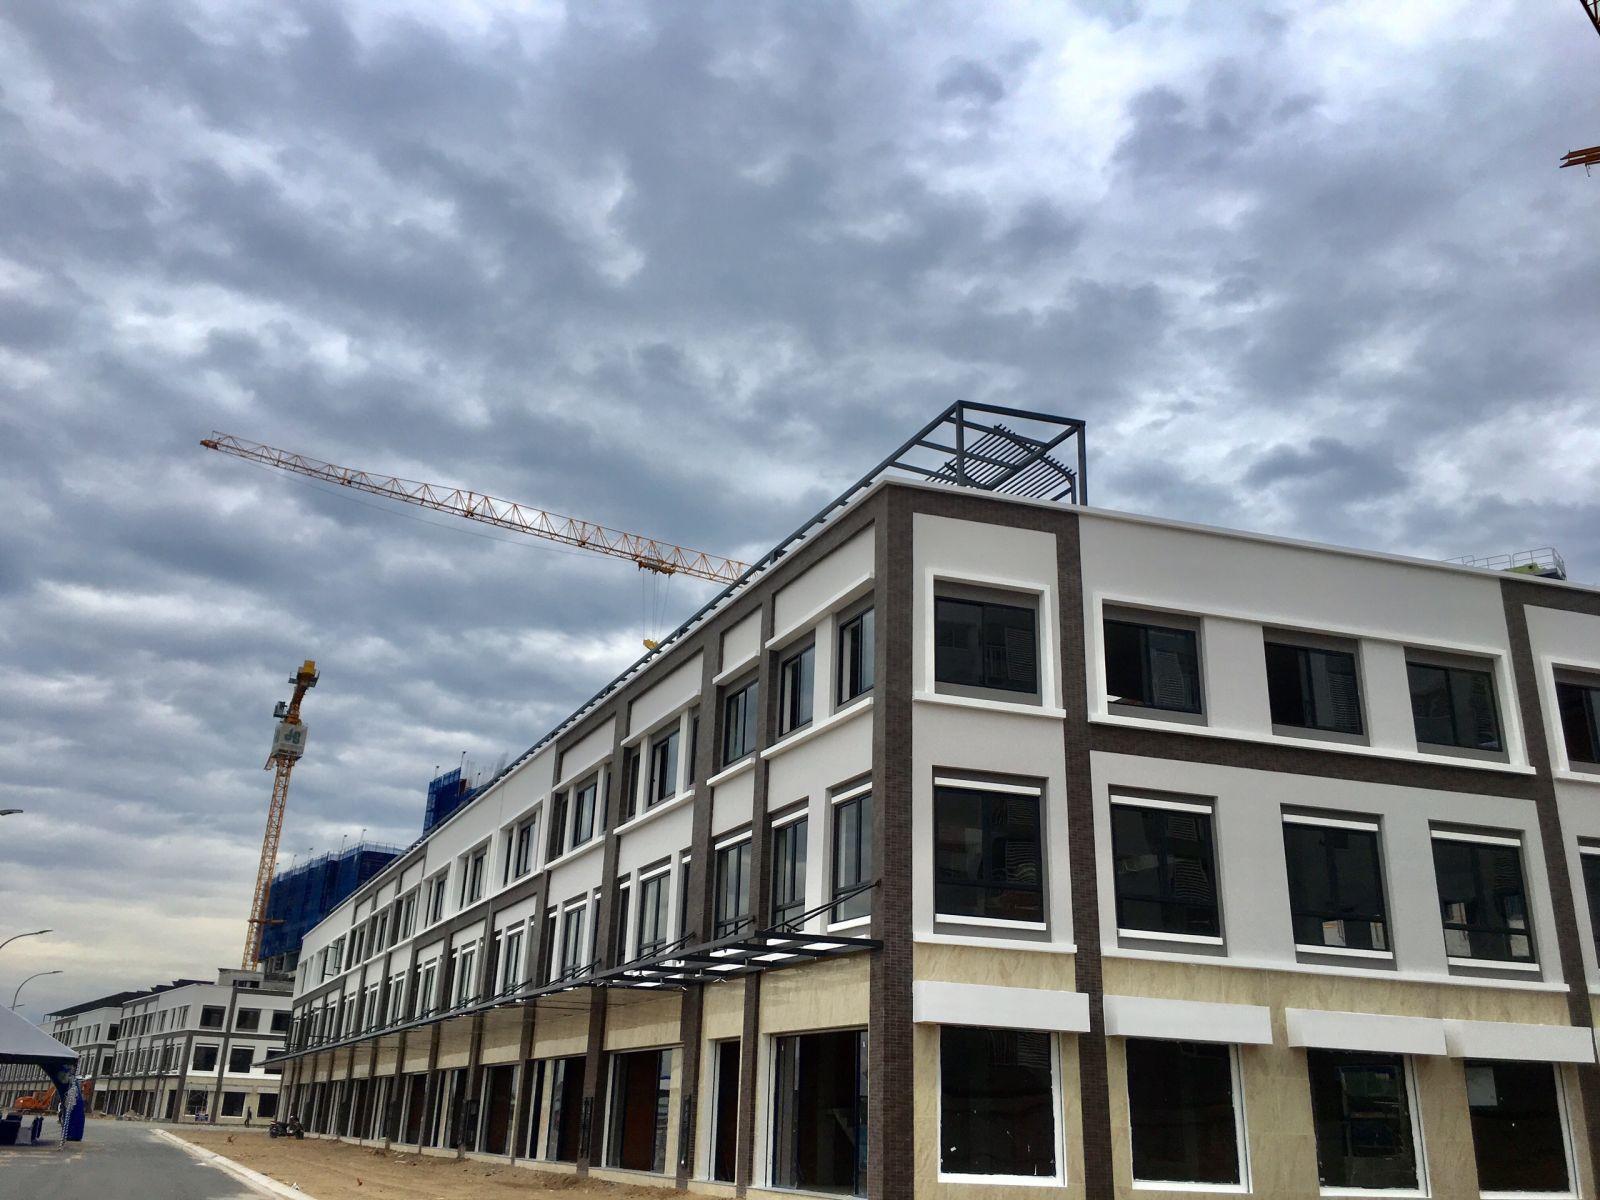 Khu nhà phố thương mại Valora Mizuki đã bàn giao cho khách hàng ngày 1/1/2019. Các căn nhà phố có diện tích 6x20m, xây dựng 1 trệt 2 lầu với 2 mặt tiền. Đây là một sản phẩm lý tưởng kinh doanh.